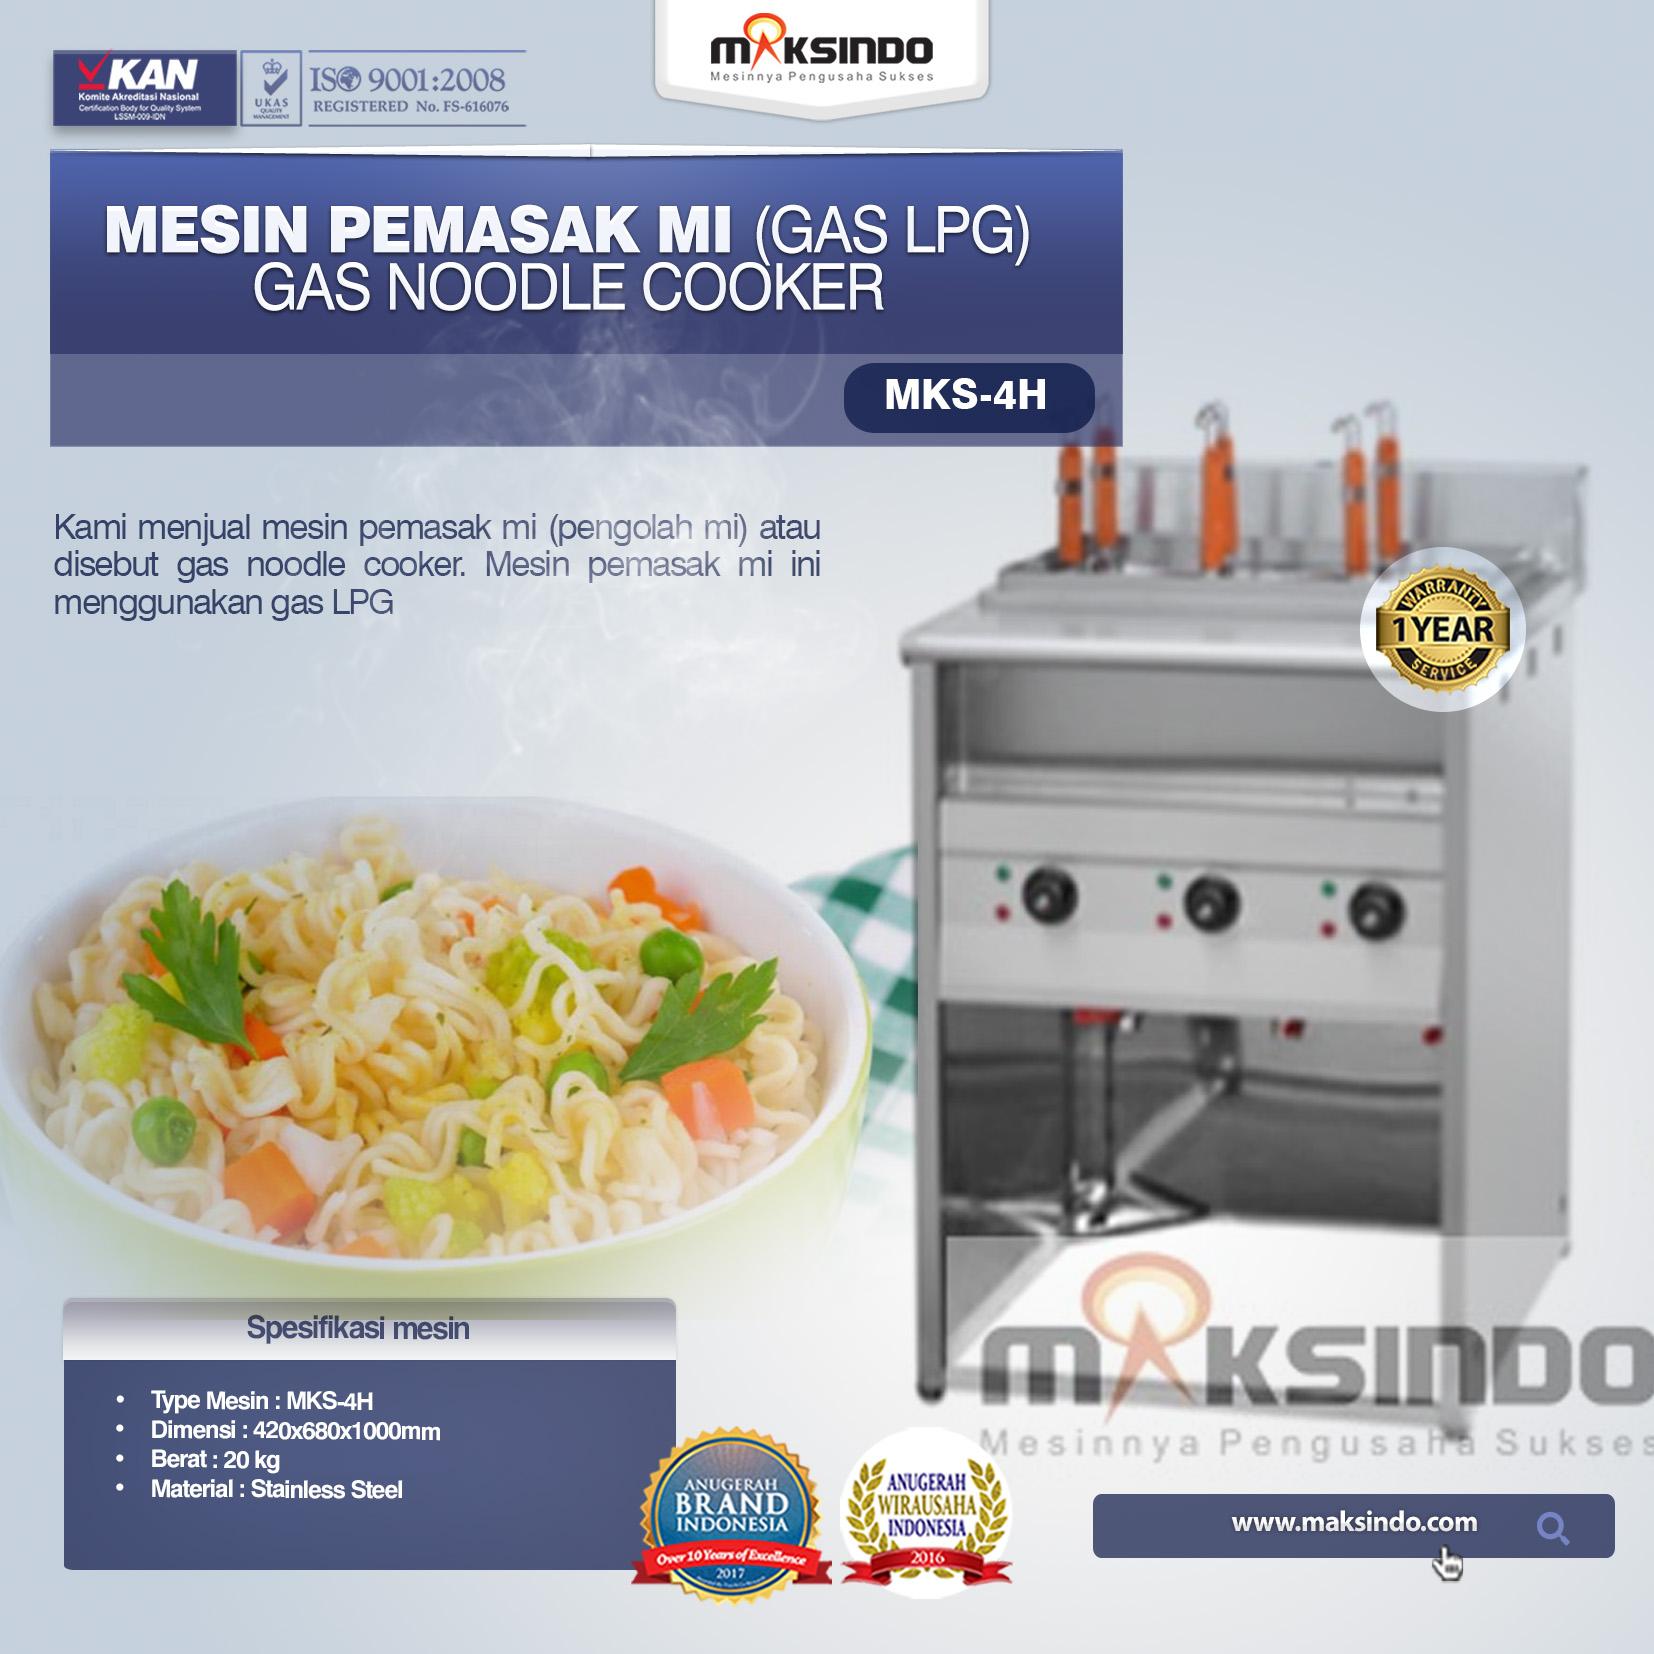 Jual Mesin Pemasak Mie (Gas LPG) di Banjarmasin